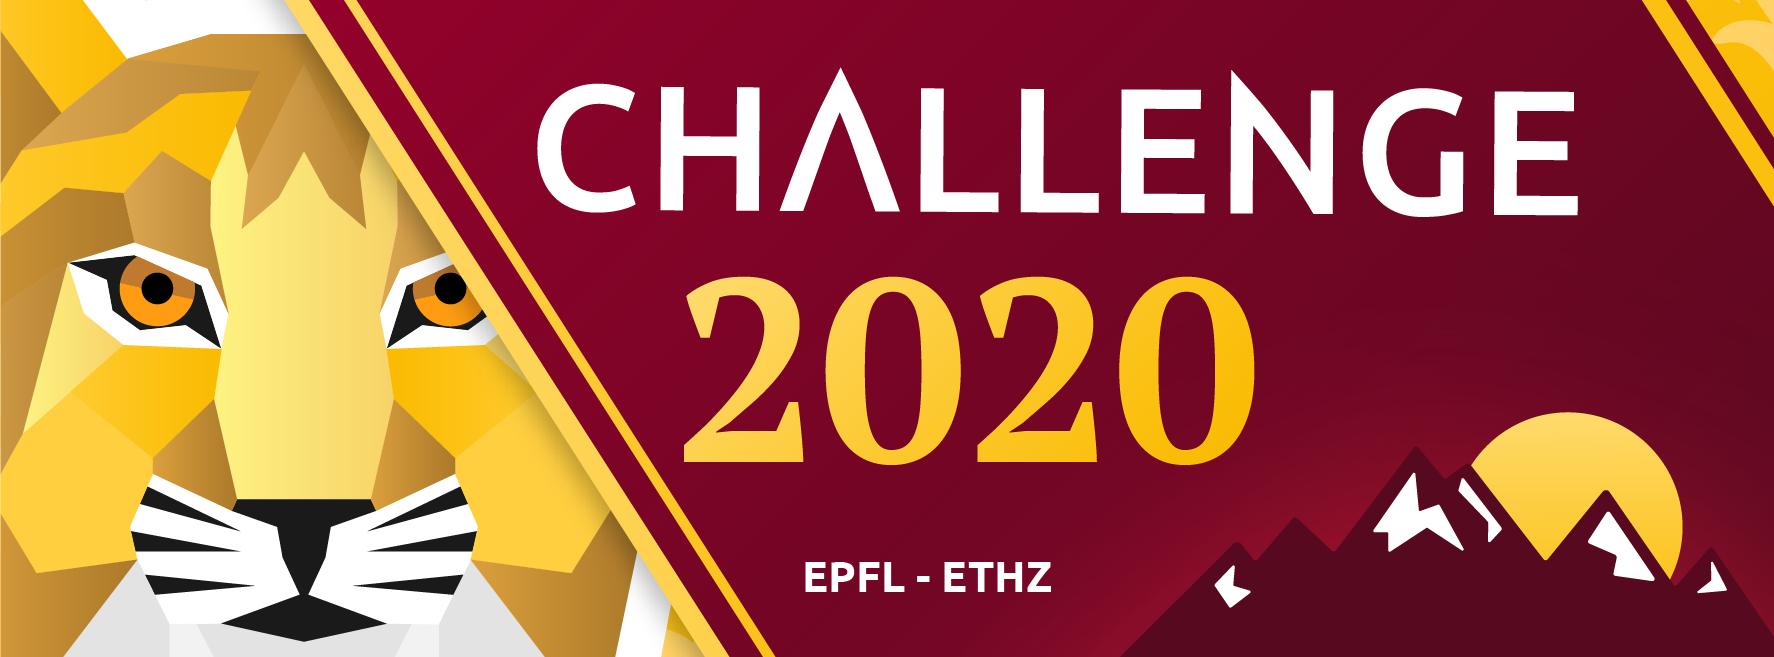 Challenge EPFL – ETHZ